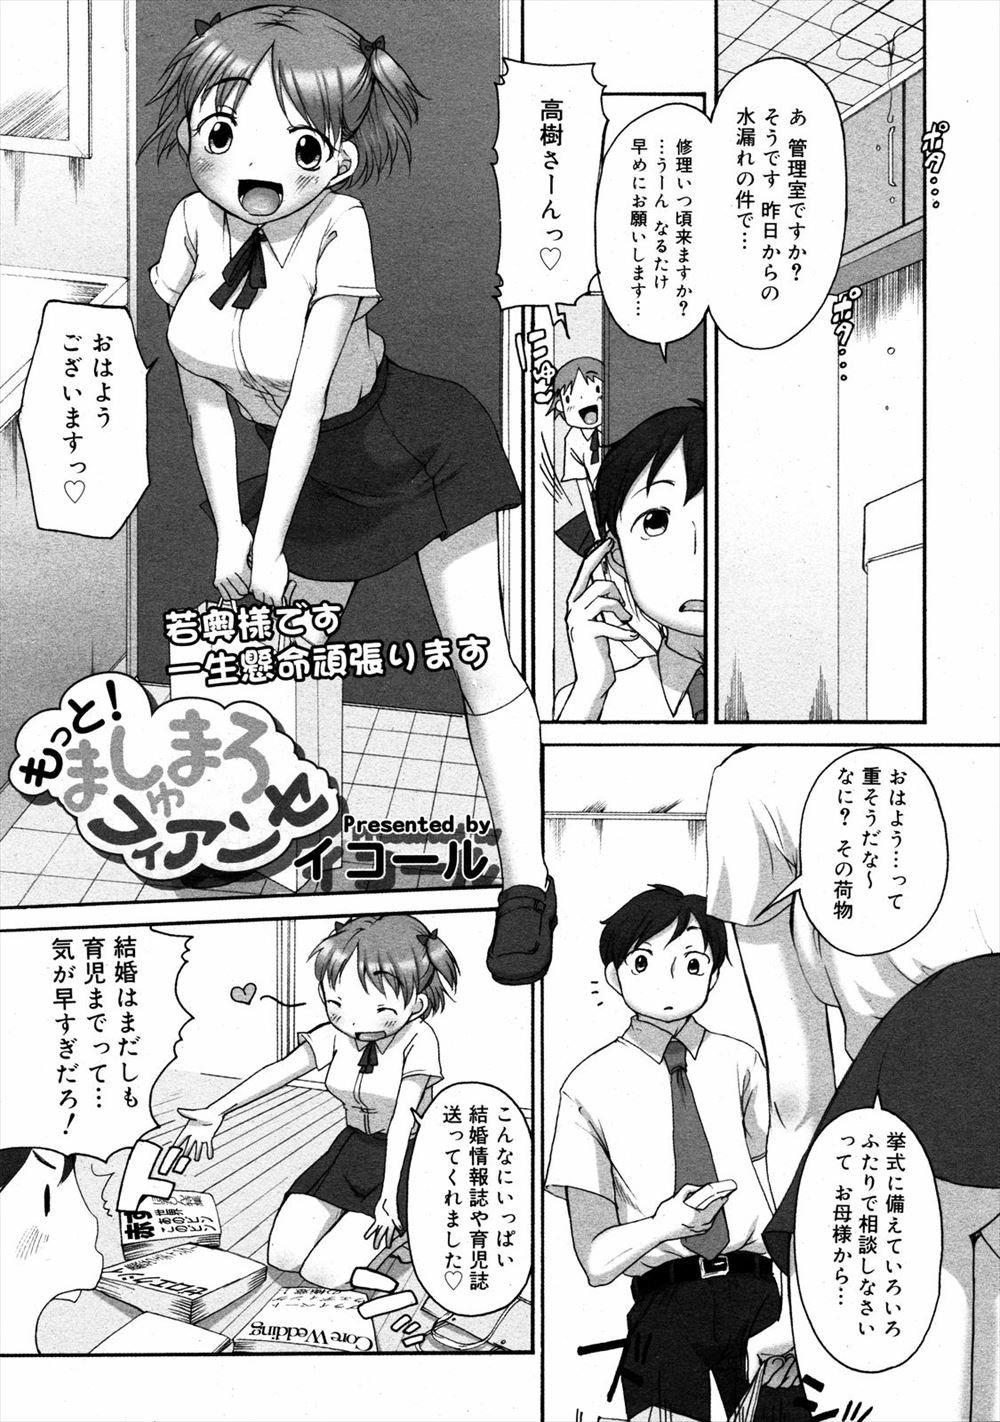 【エロ漫画同人誌】巨乳な愛子ちゃんが婚約者の家に行ったら借金取りに生ハメレイプされてしまった!! 001